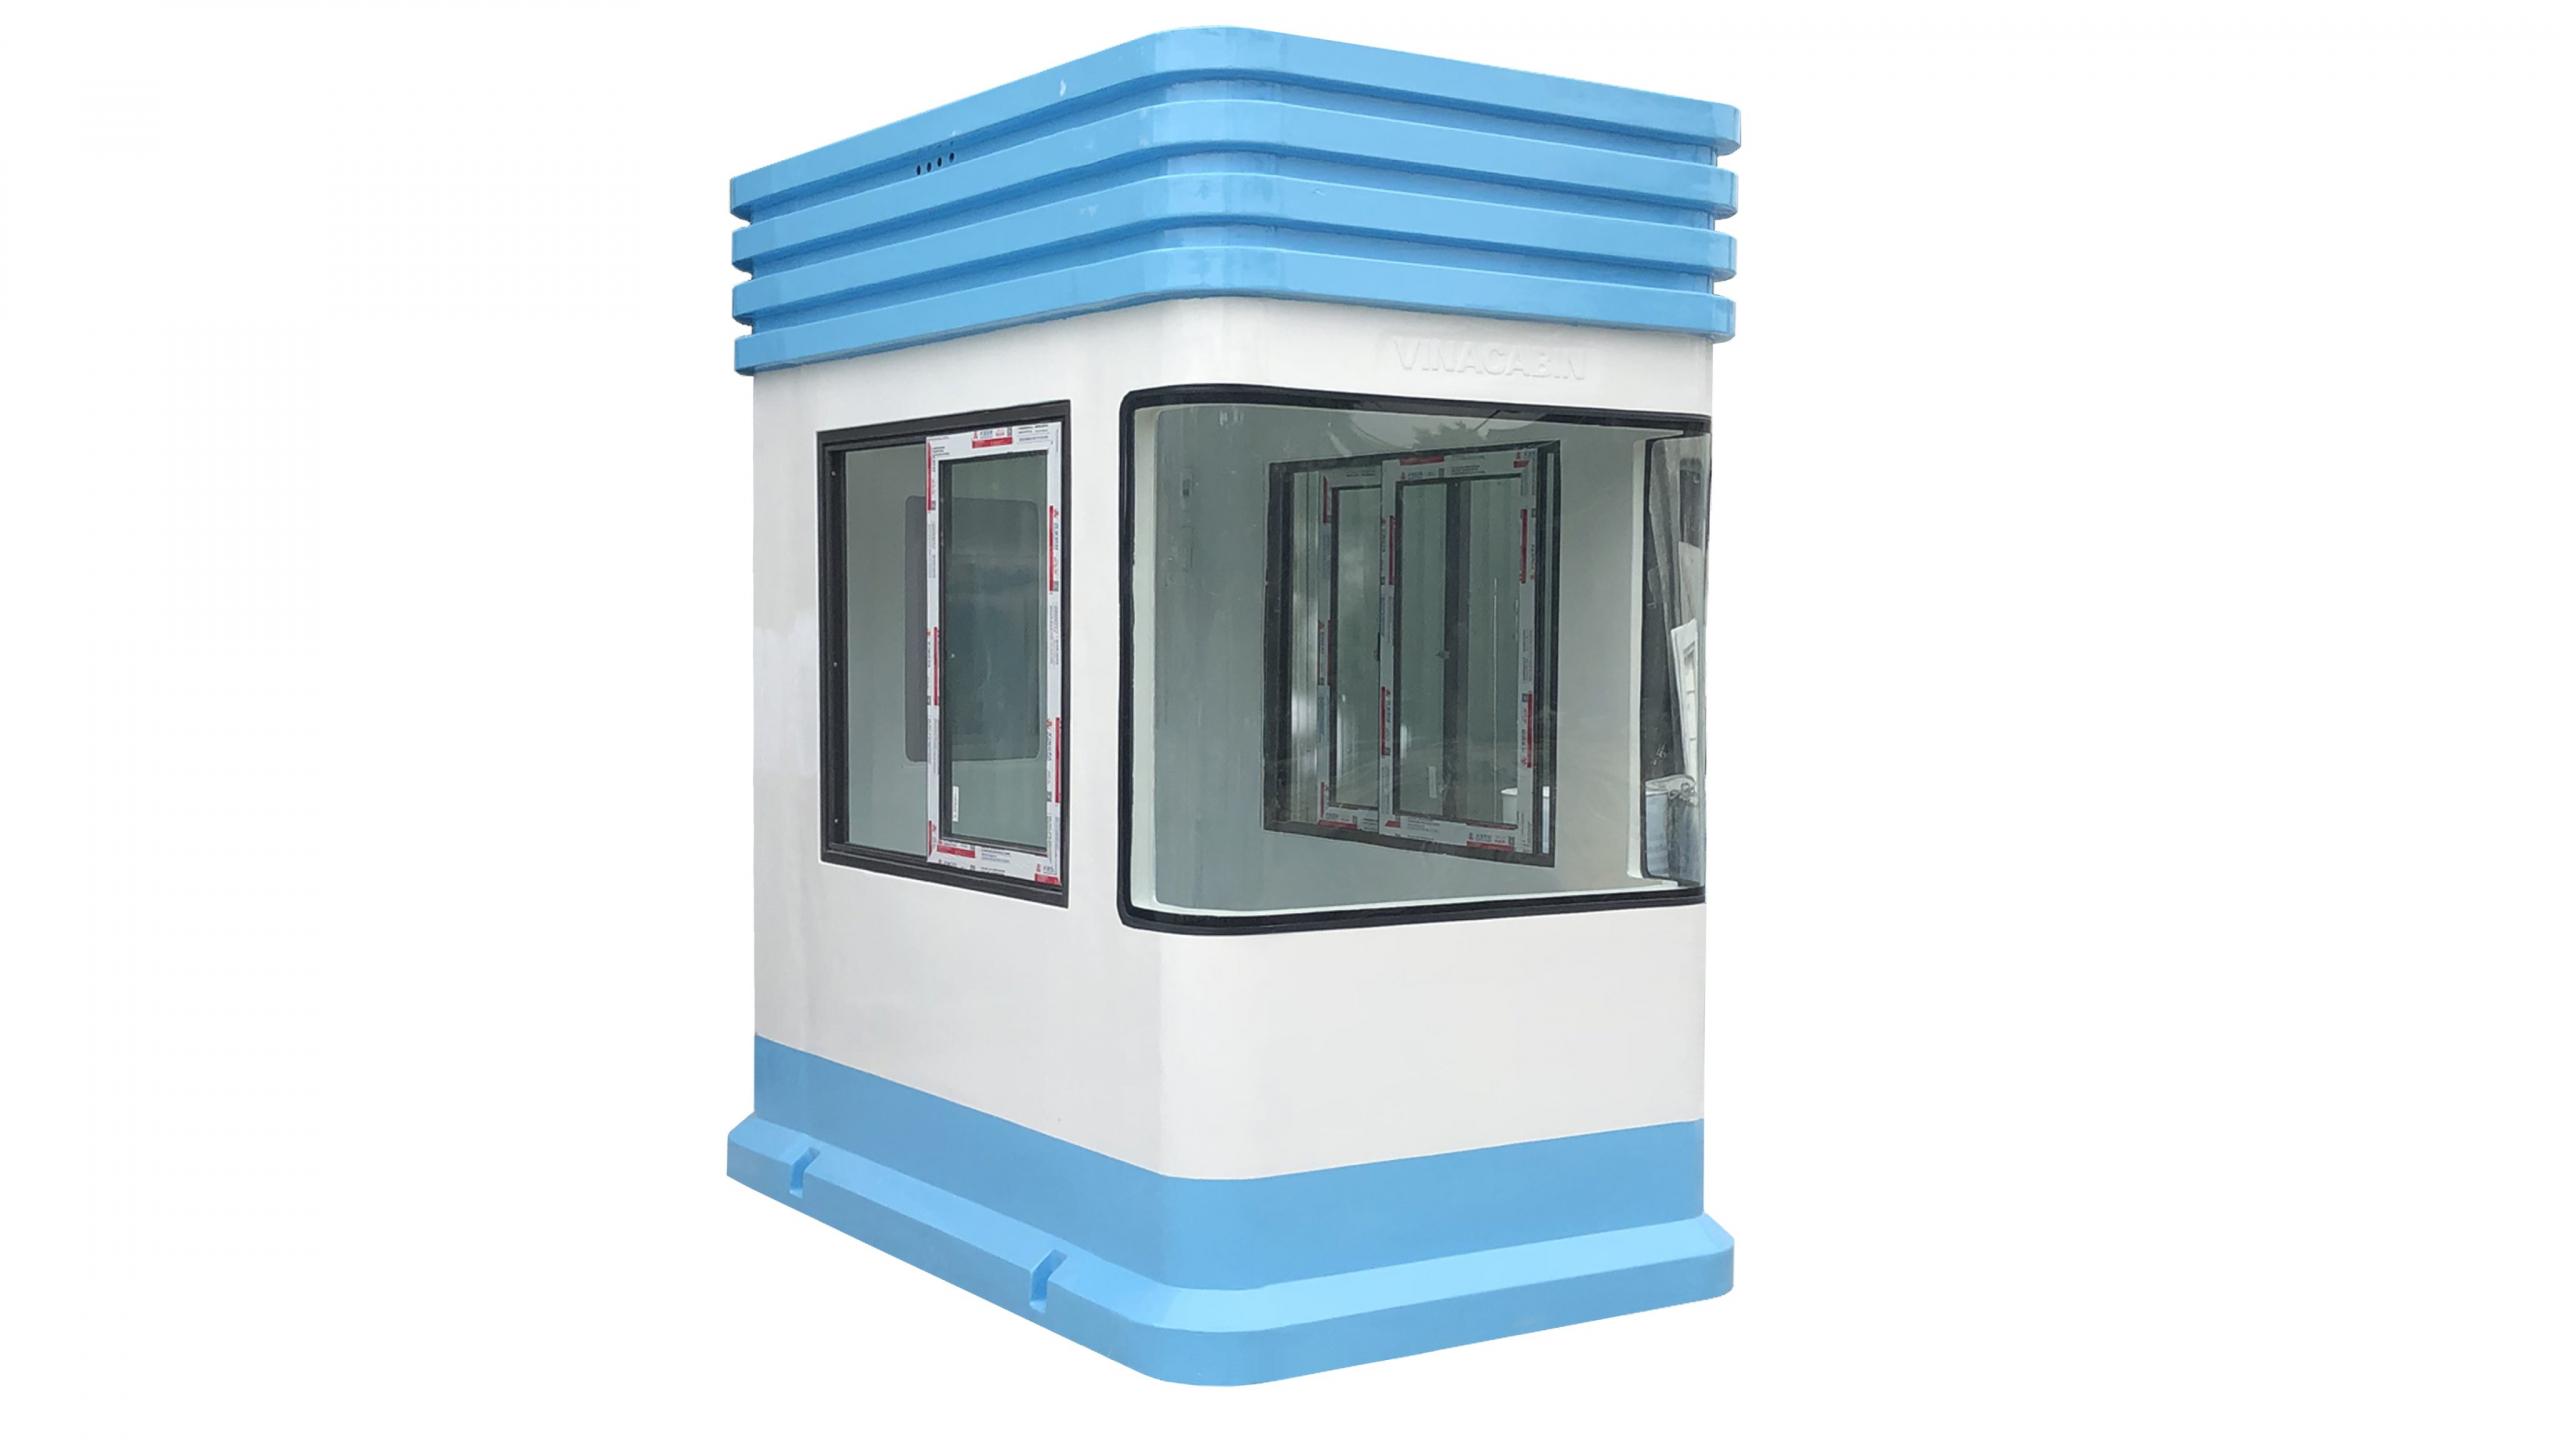 0cefd83a4a55b50bec44 1 scaled - Cabin thu phí giao thông VC1H1400